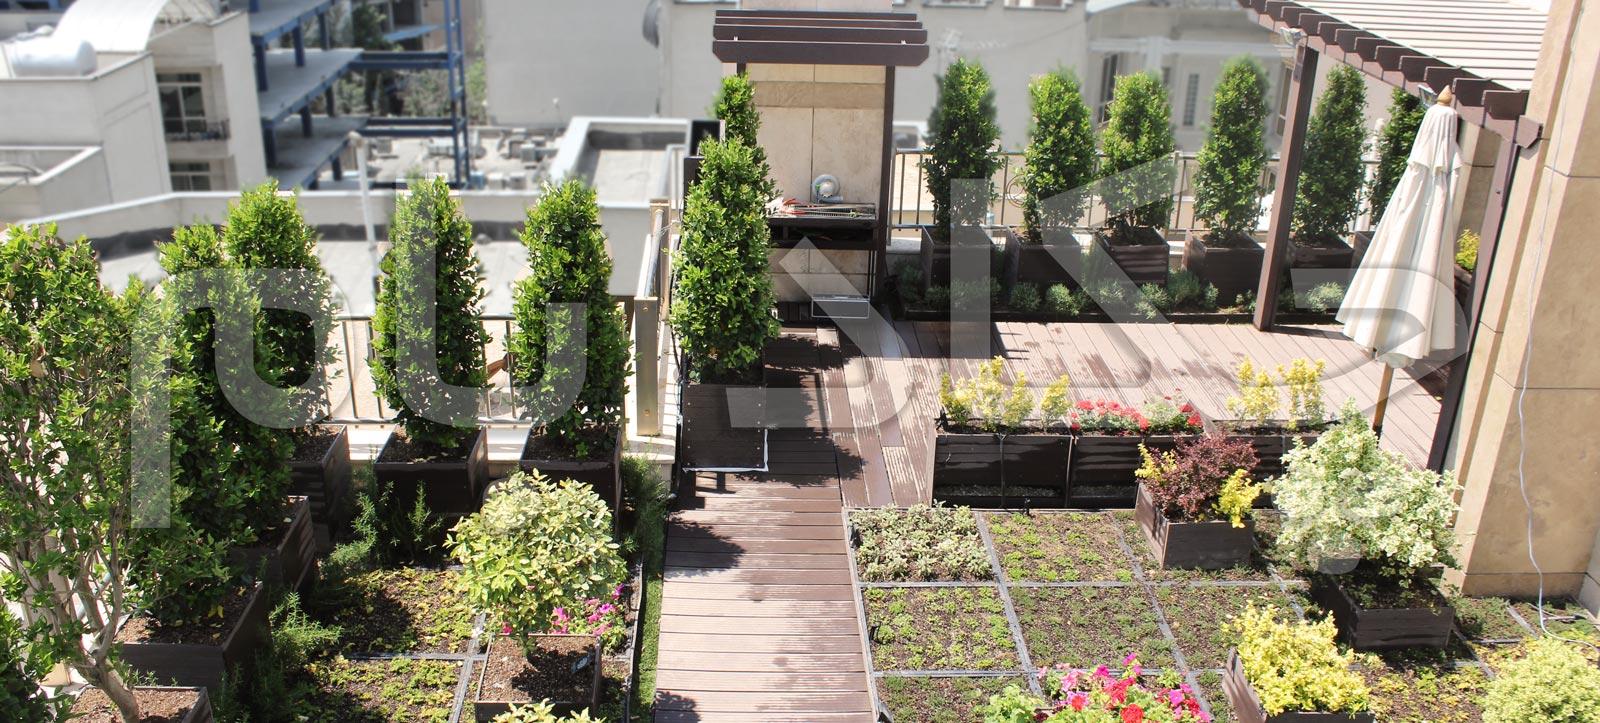 green roof garden chekadbam